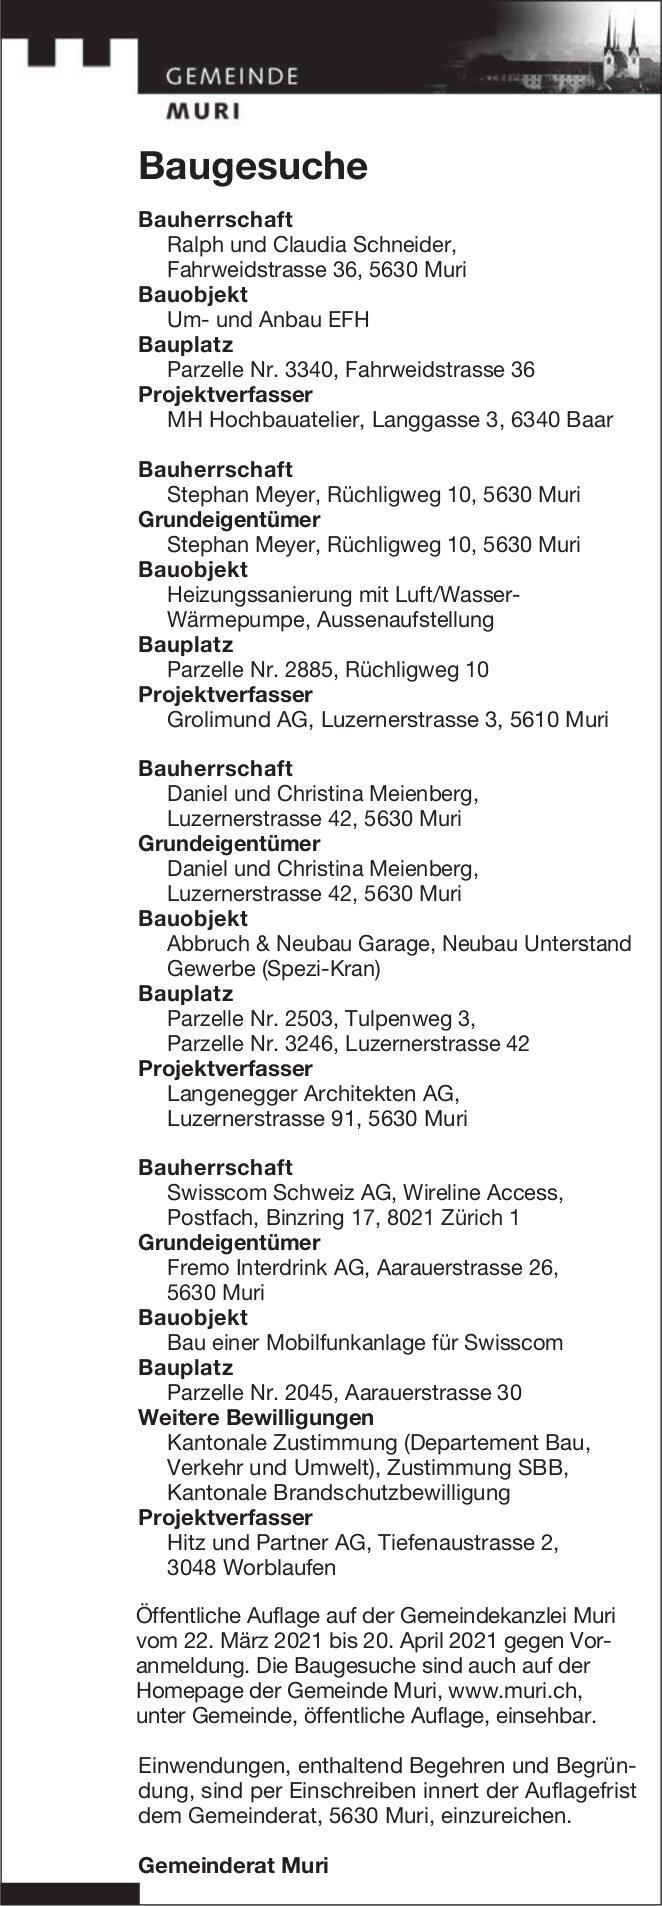 Gemeinde Muri - Baugesuche